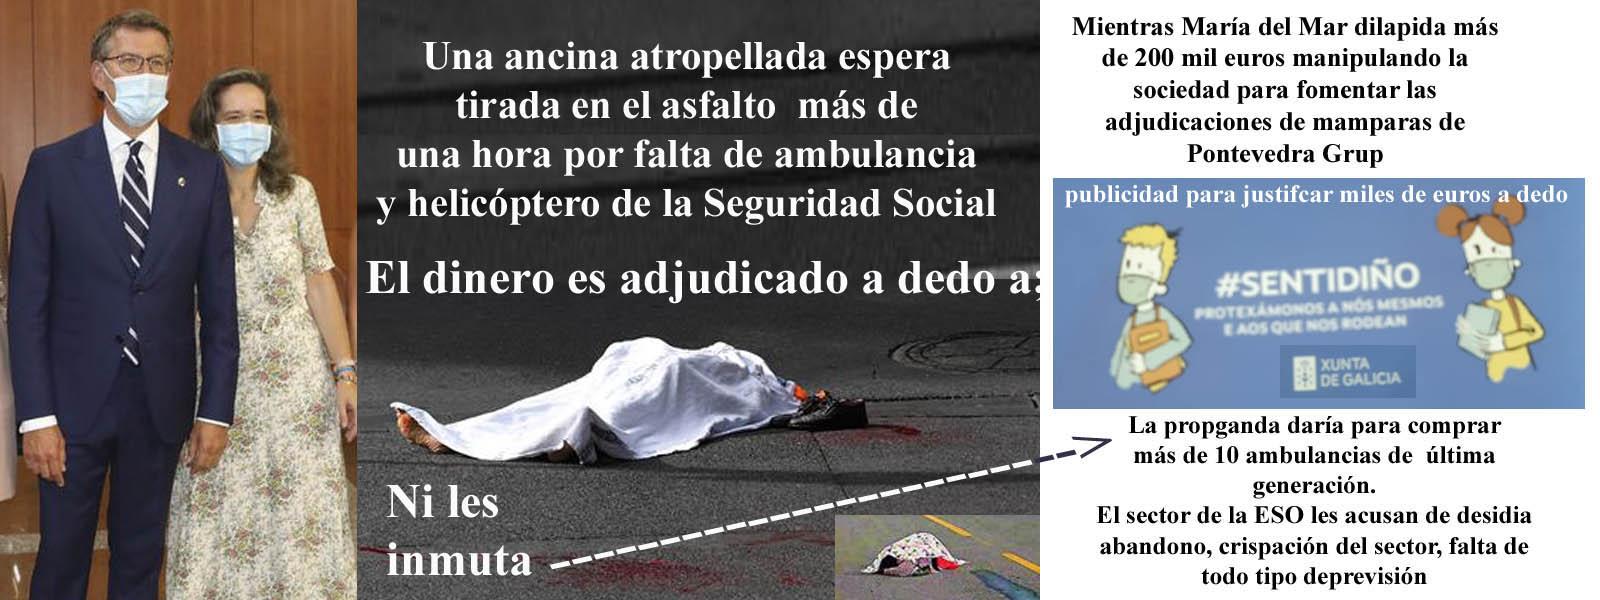 Mar Sánchez Sierra experta del PPdeG en alimentar el inframundo del dinero  público dando rienda suelta a las adjudicaciones para que acabe en OFF  SHORES, mamparas, donativos anónimos, mascarillas falsas etc. -